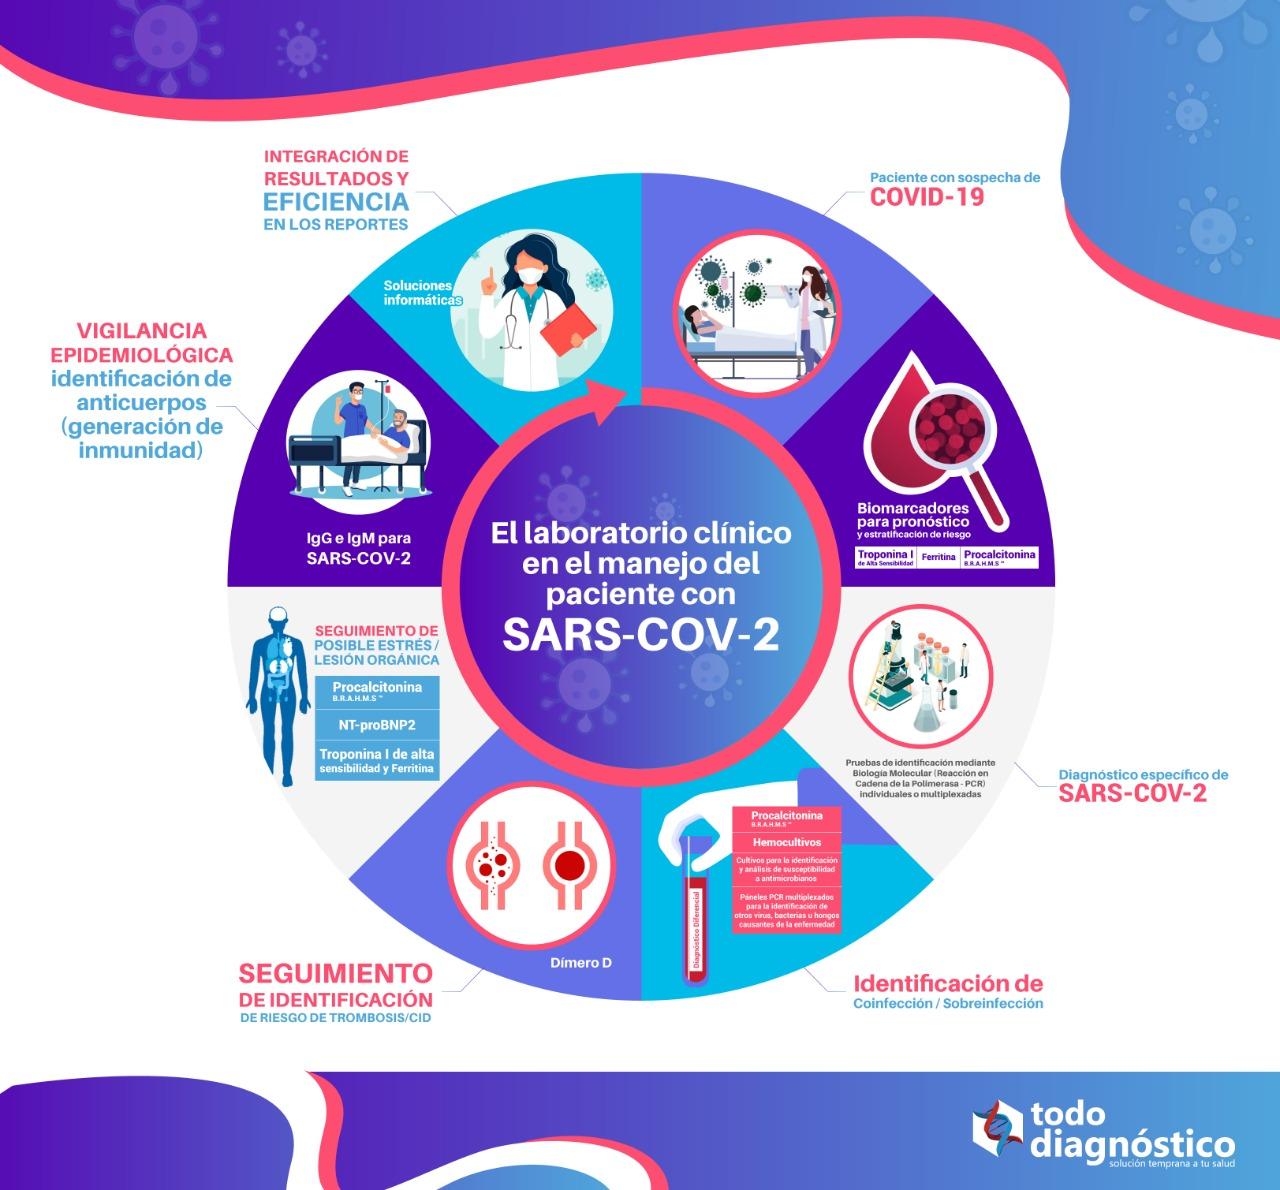 El laboratorio clinico en el manejo del paciente con SARS-CoV-2: biomarcadores y Covid19